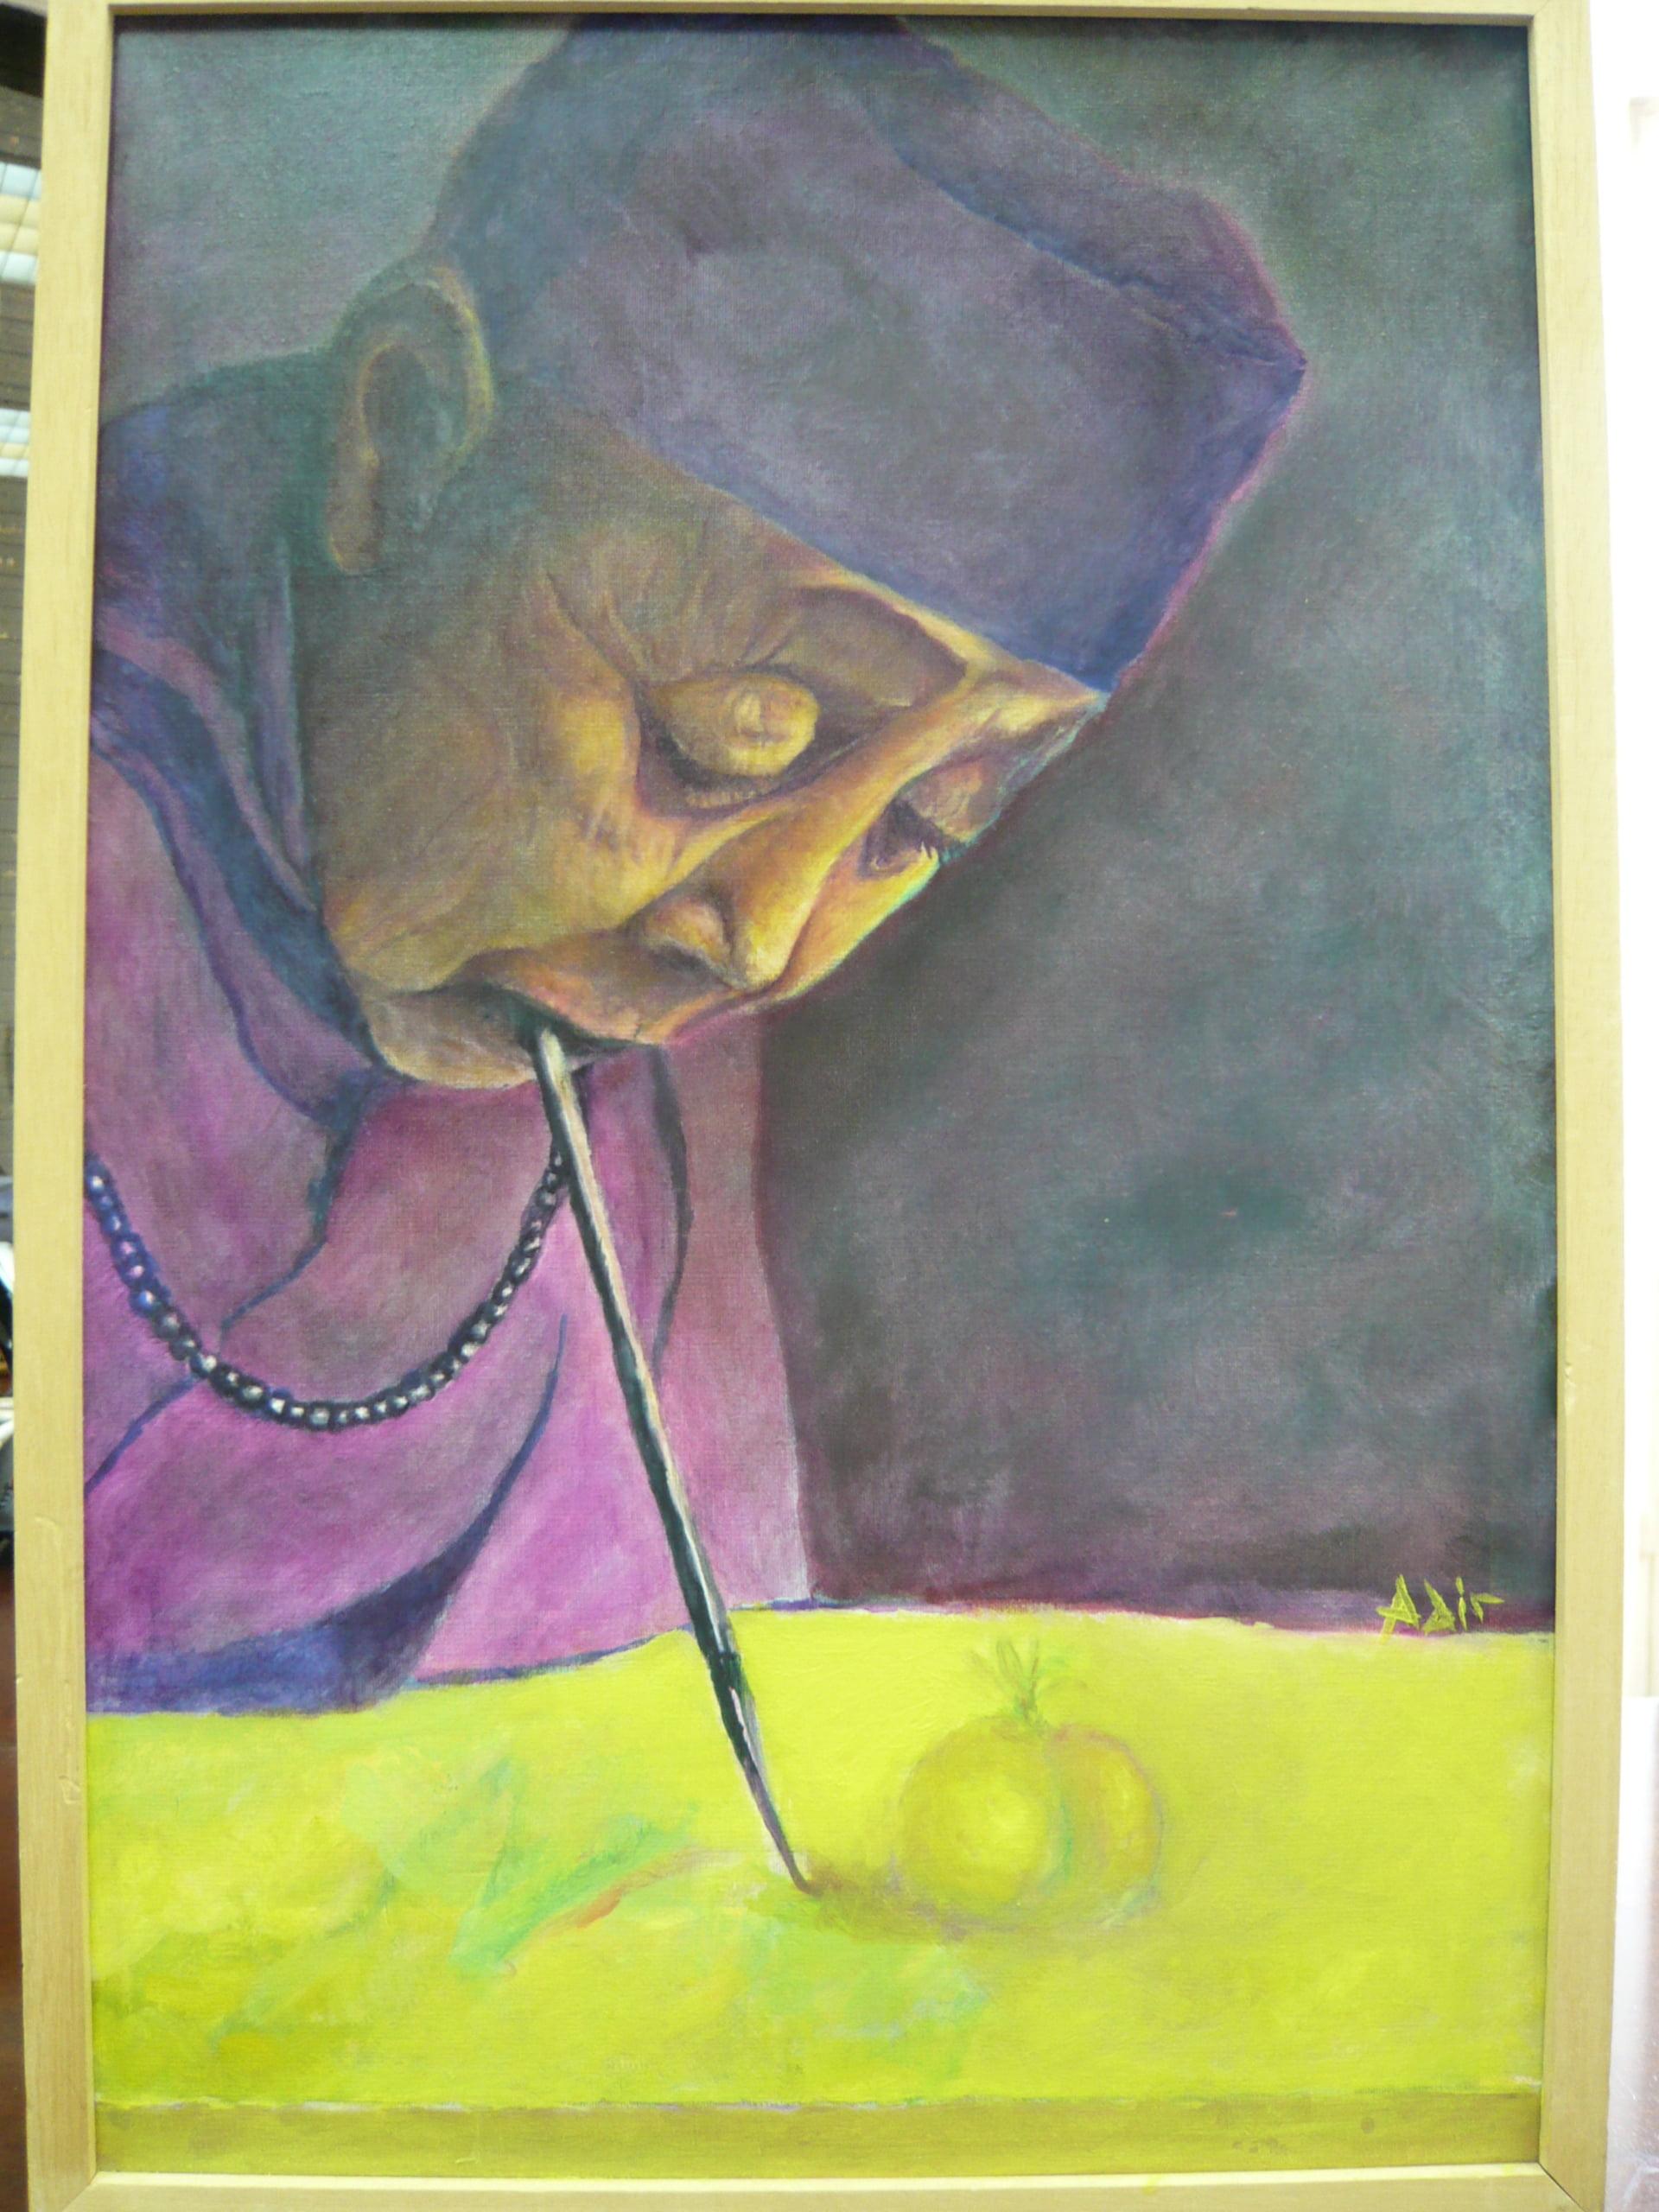 Con la Boca y con el Pie: Exposición Internacional de Pintura